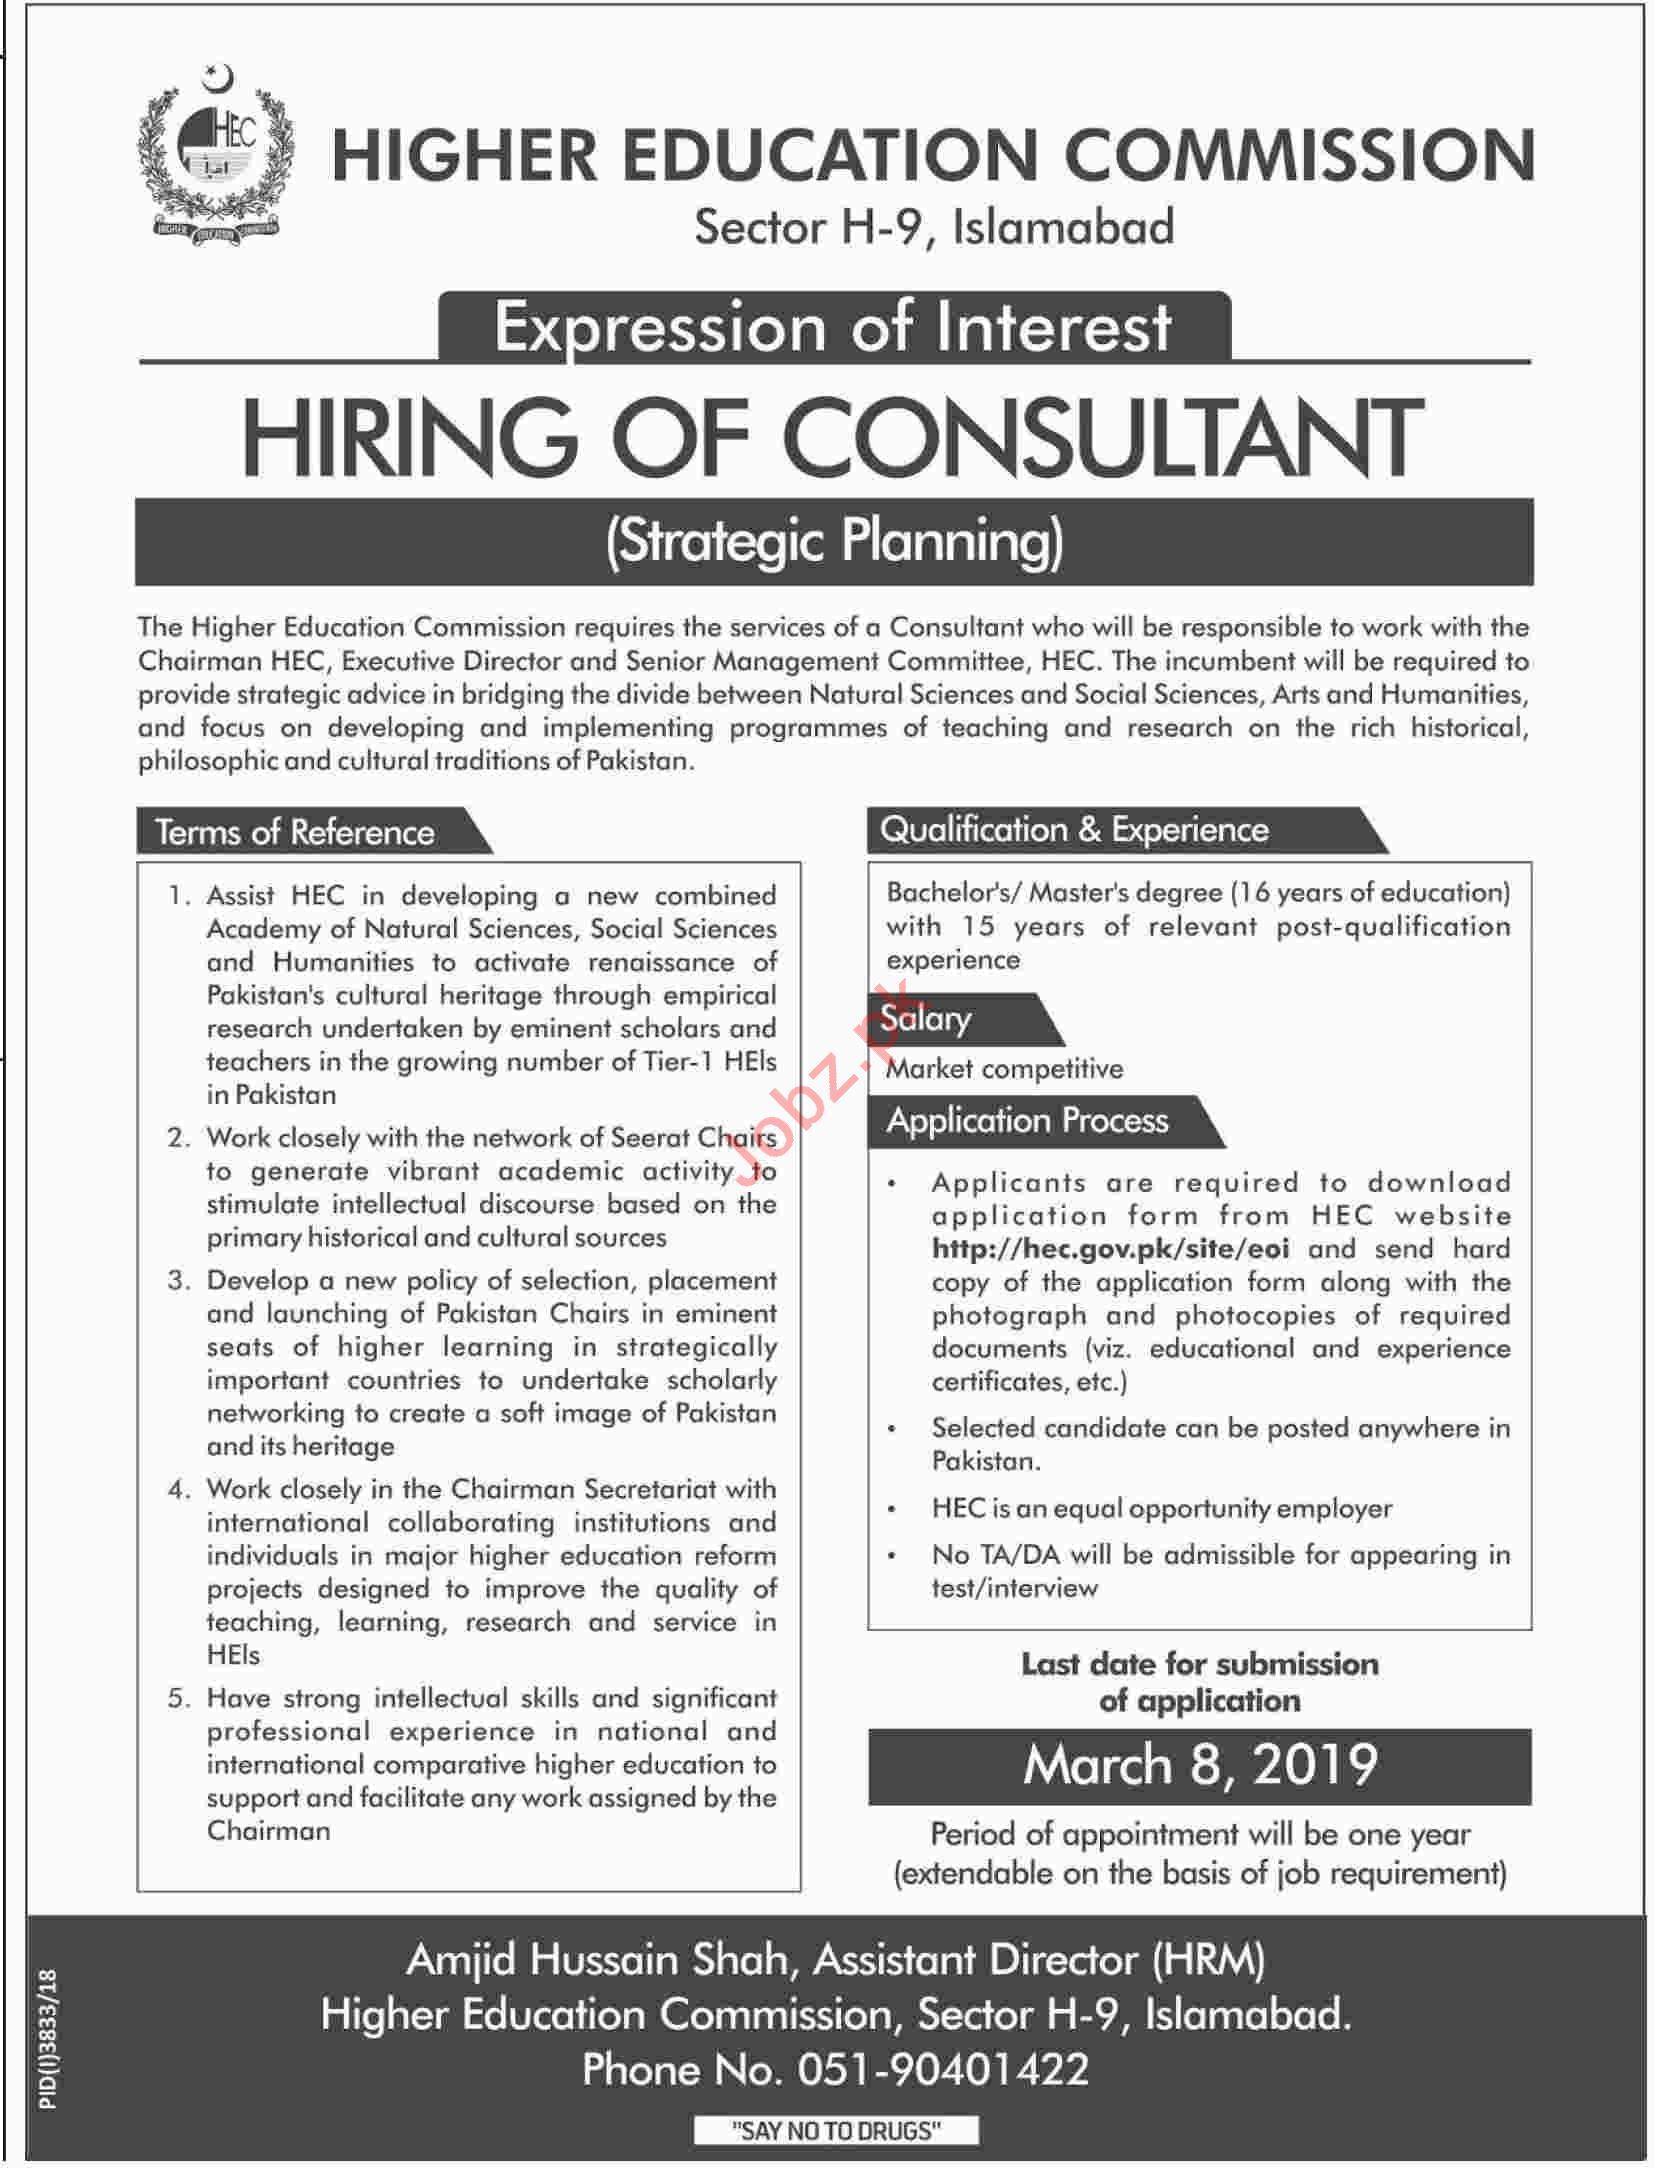 Consultant Strategic Planning Jobs at HEC